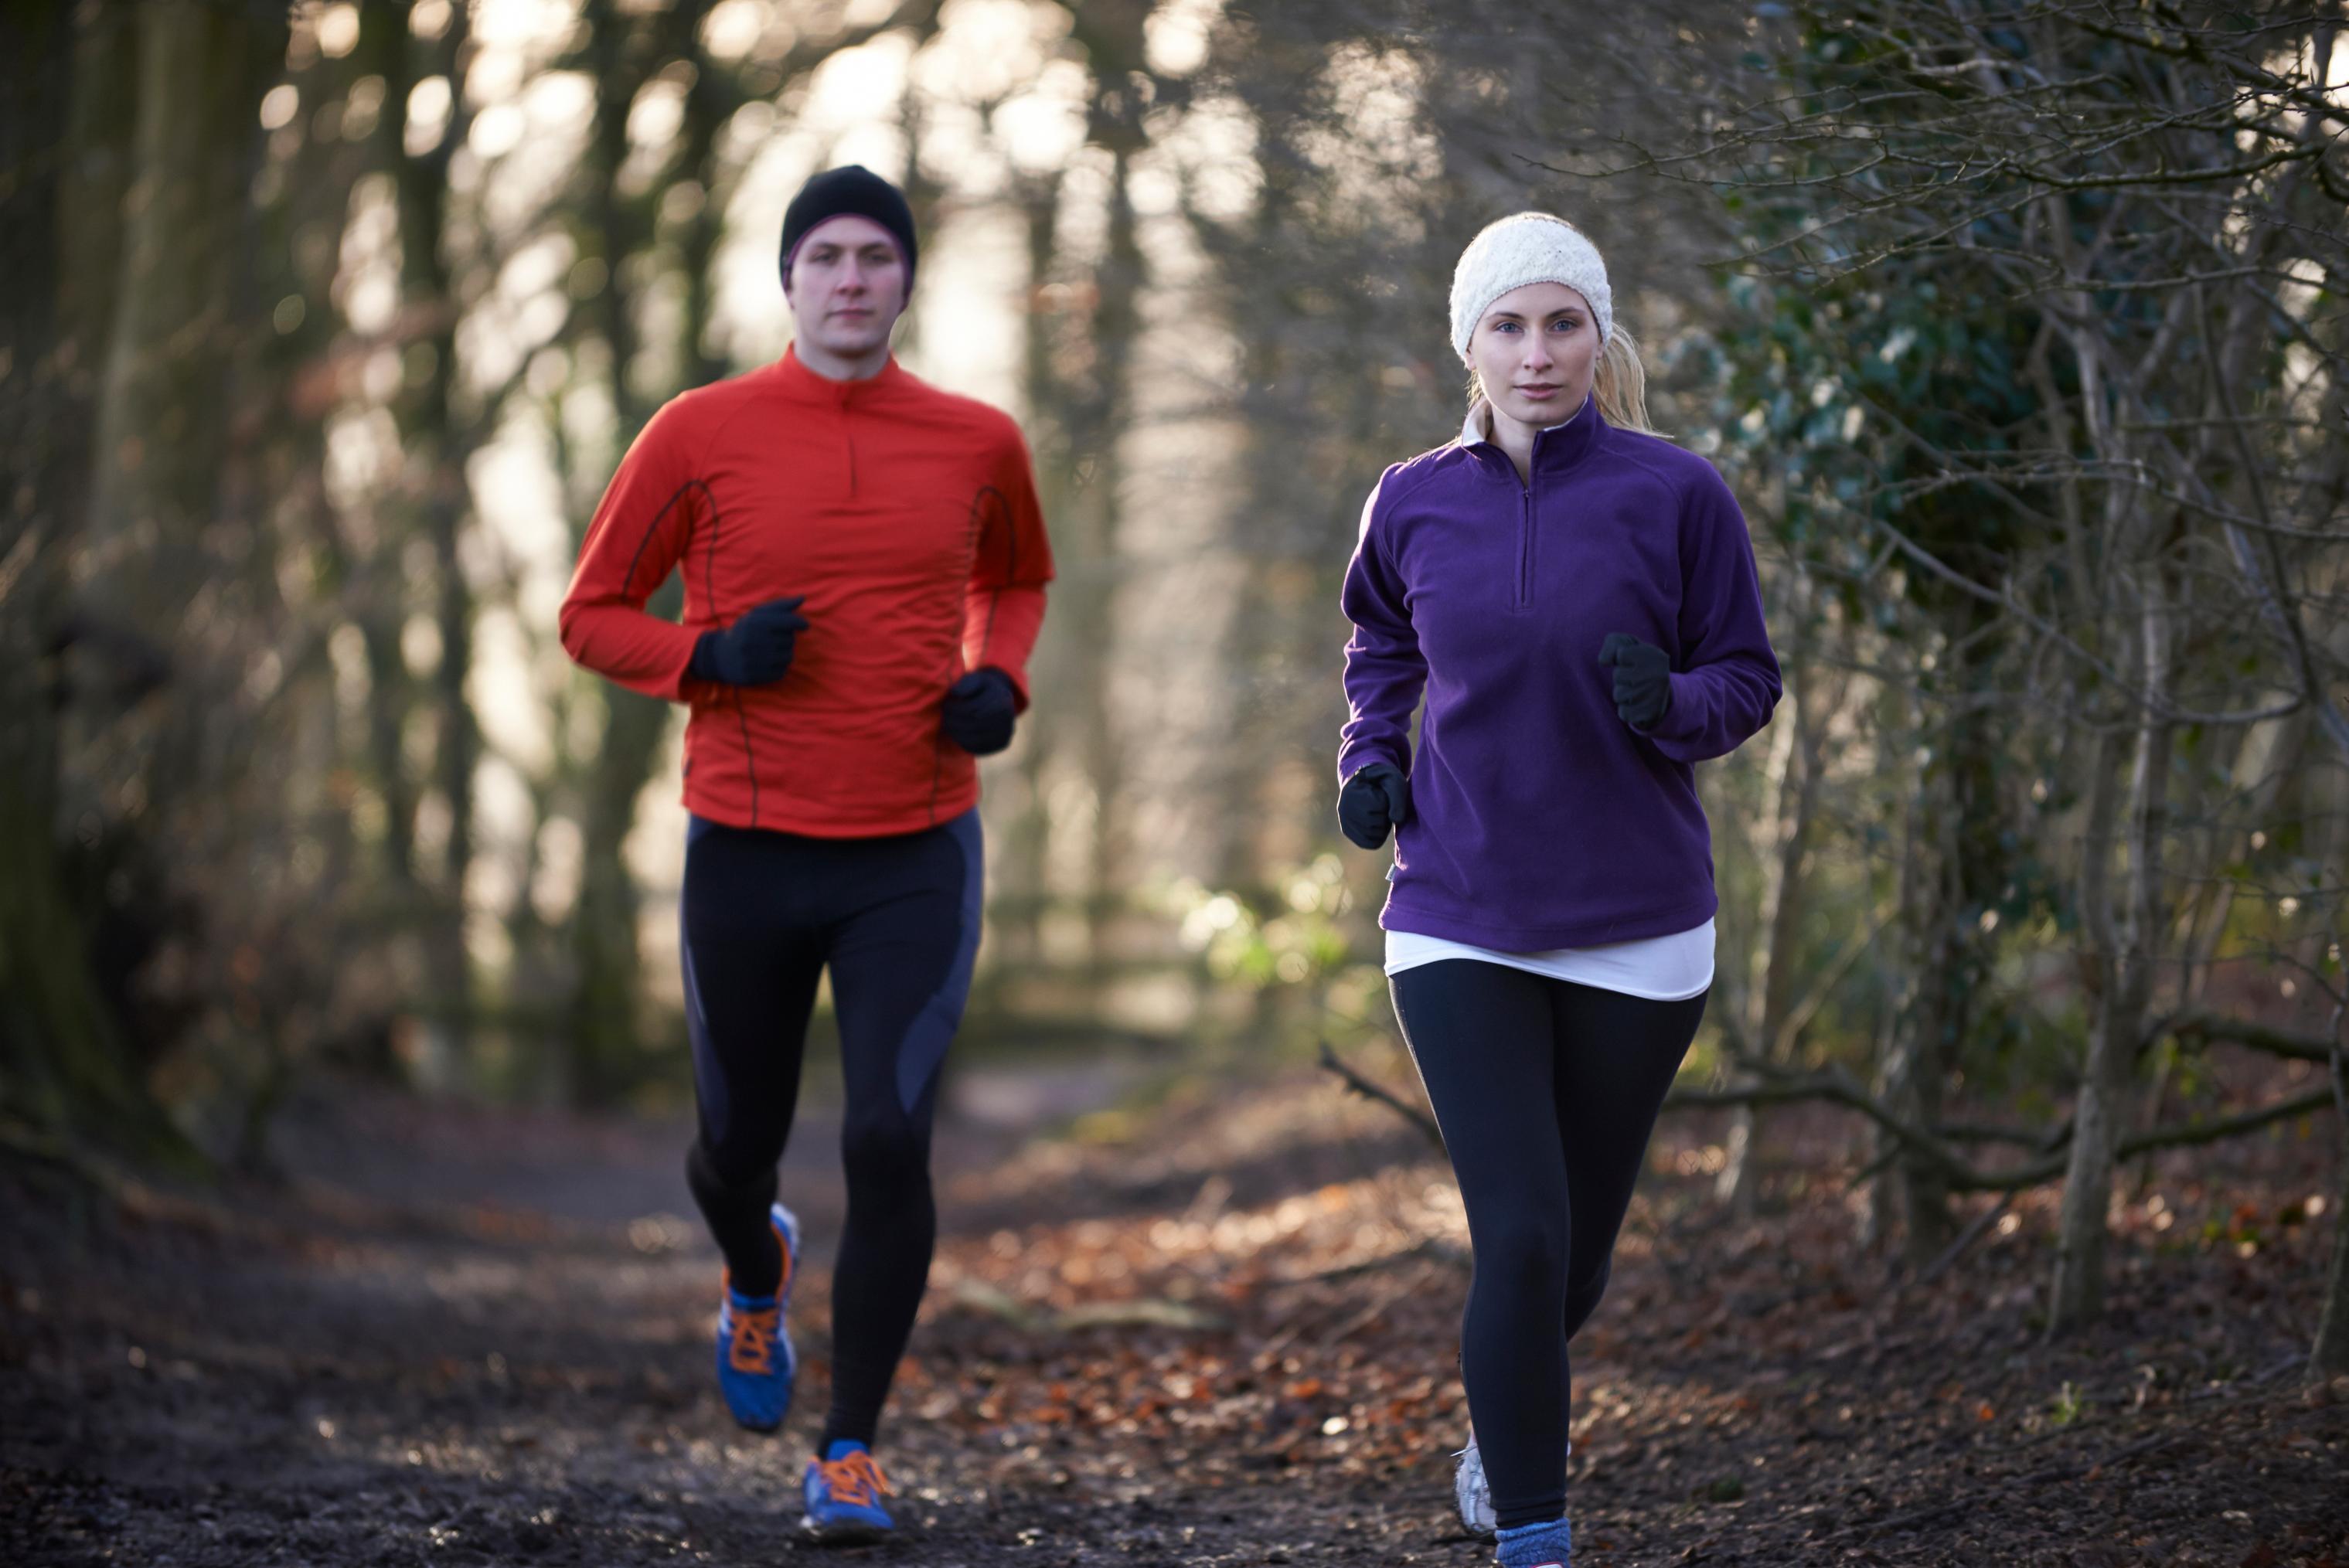 Beim Joggen das richtige Lauftempo finden